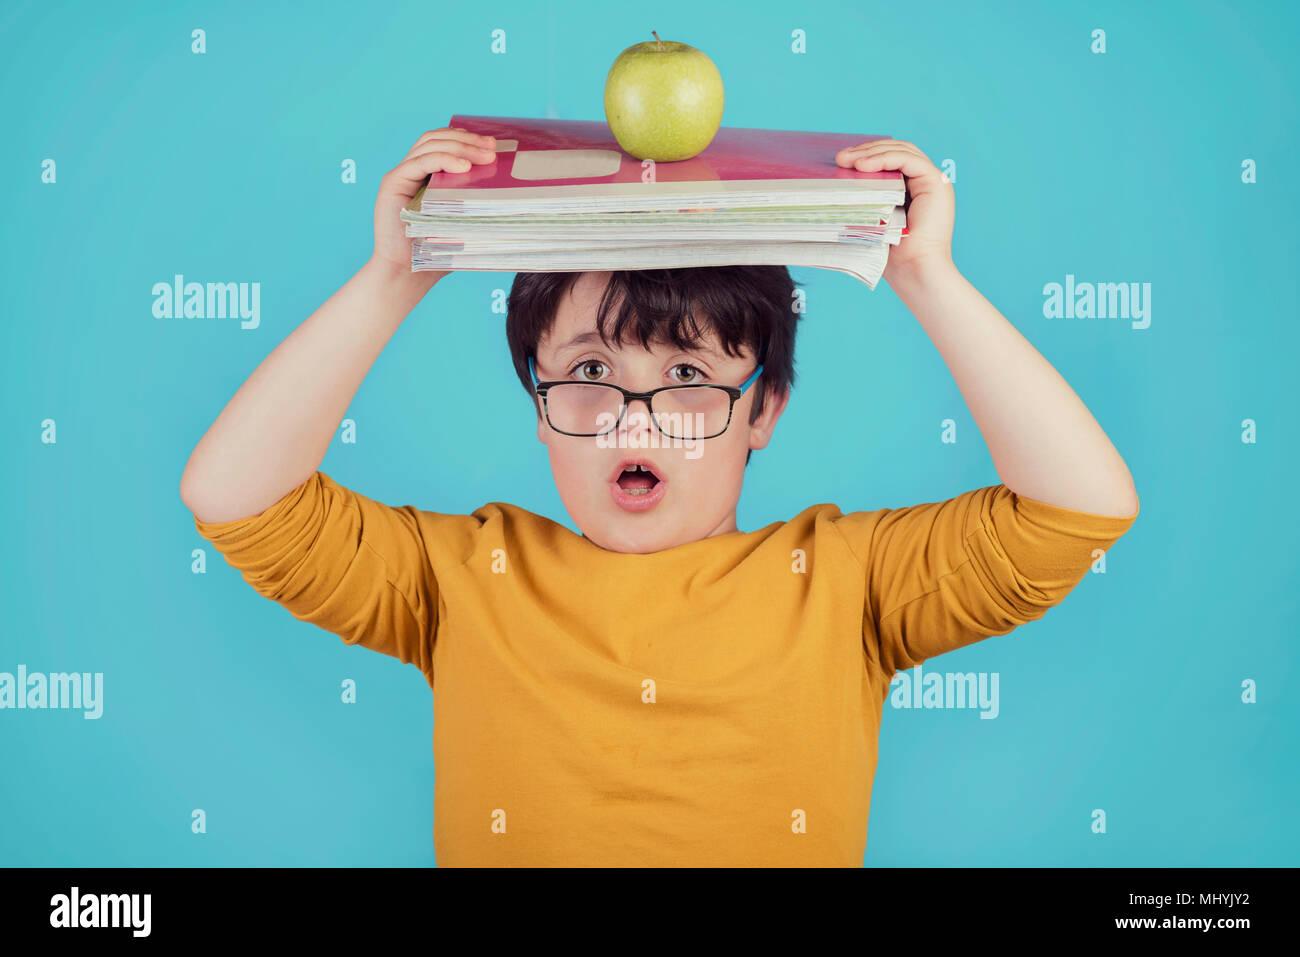 Menino surpreso com livros e apple sobre fundo azul Imagens de Stock